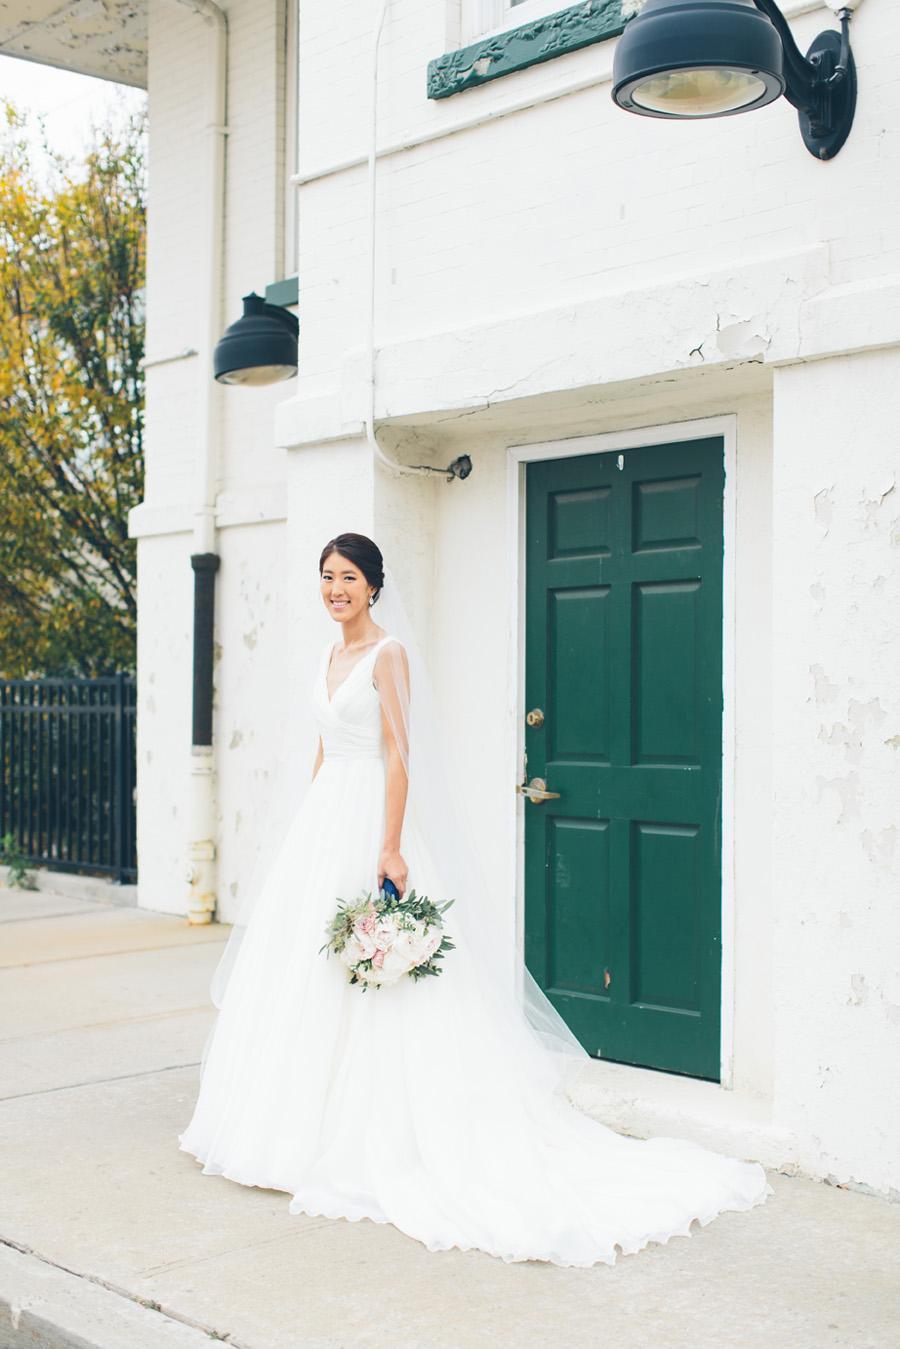 SHERRIE-DANIEL-BRIDEGROOM-WEDDING-CYNTHIACHUNG-0070.jpg